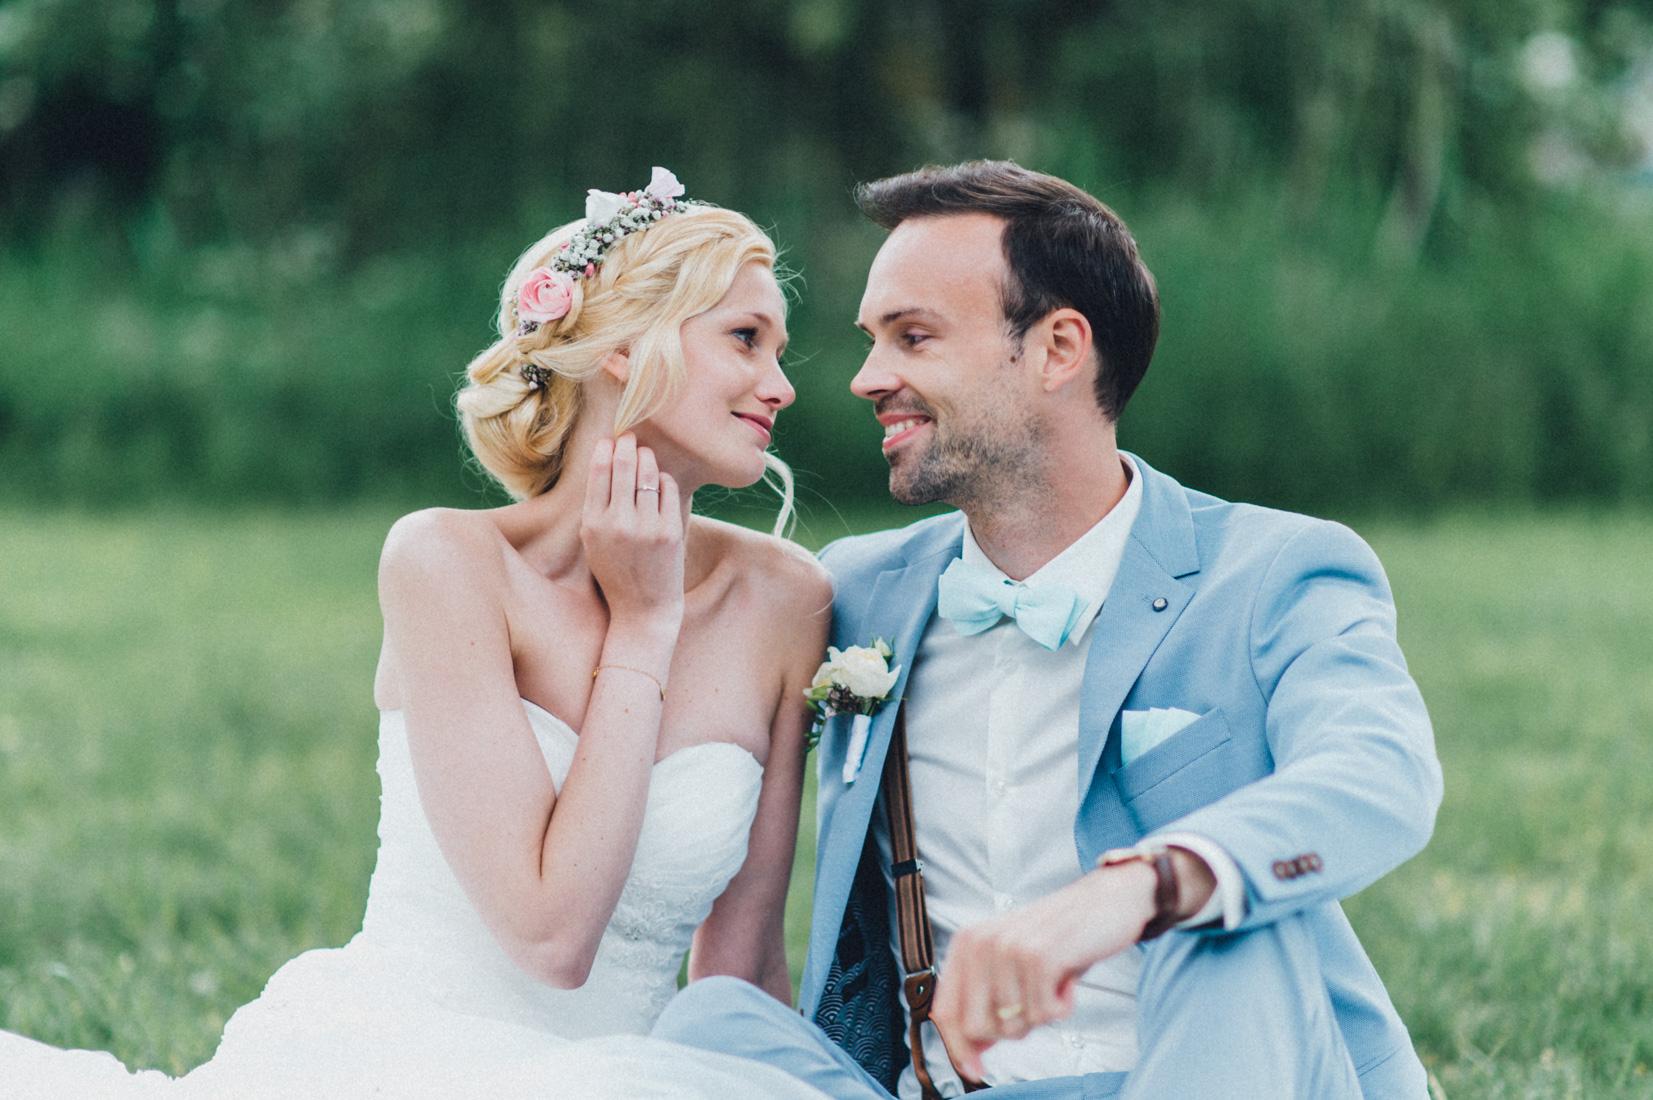 pastel-vintage-hertefeld-126 hochzeitsfotograf schloss hertefeldGalina & Robert DIY Pastel Vintage Hochzeit auf Schloss Hertefeldpastel vintage hertefeld 126